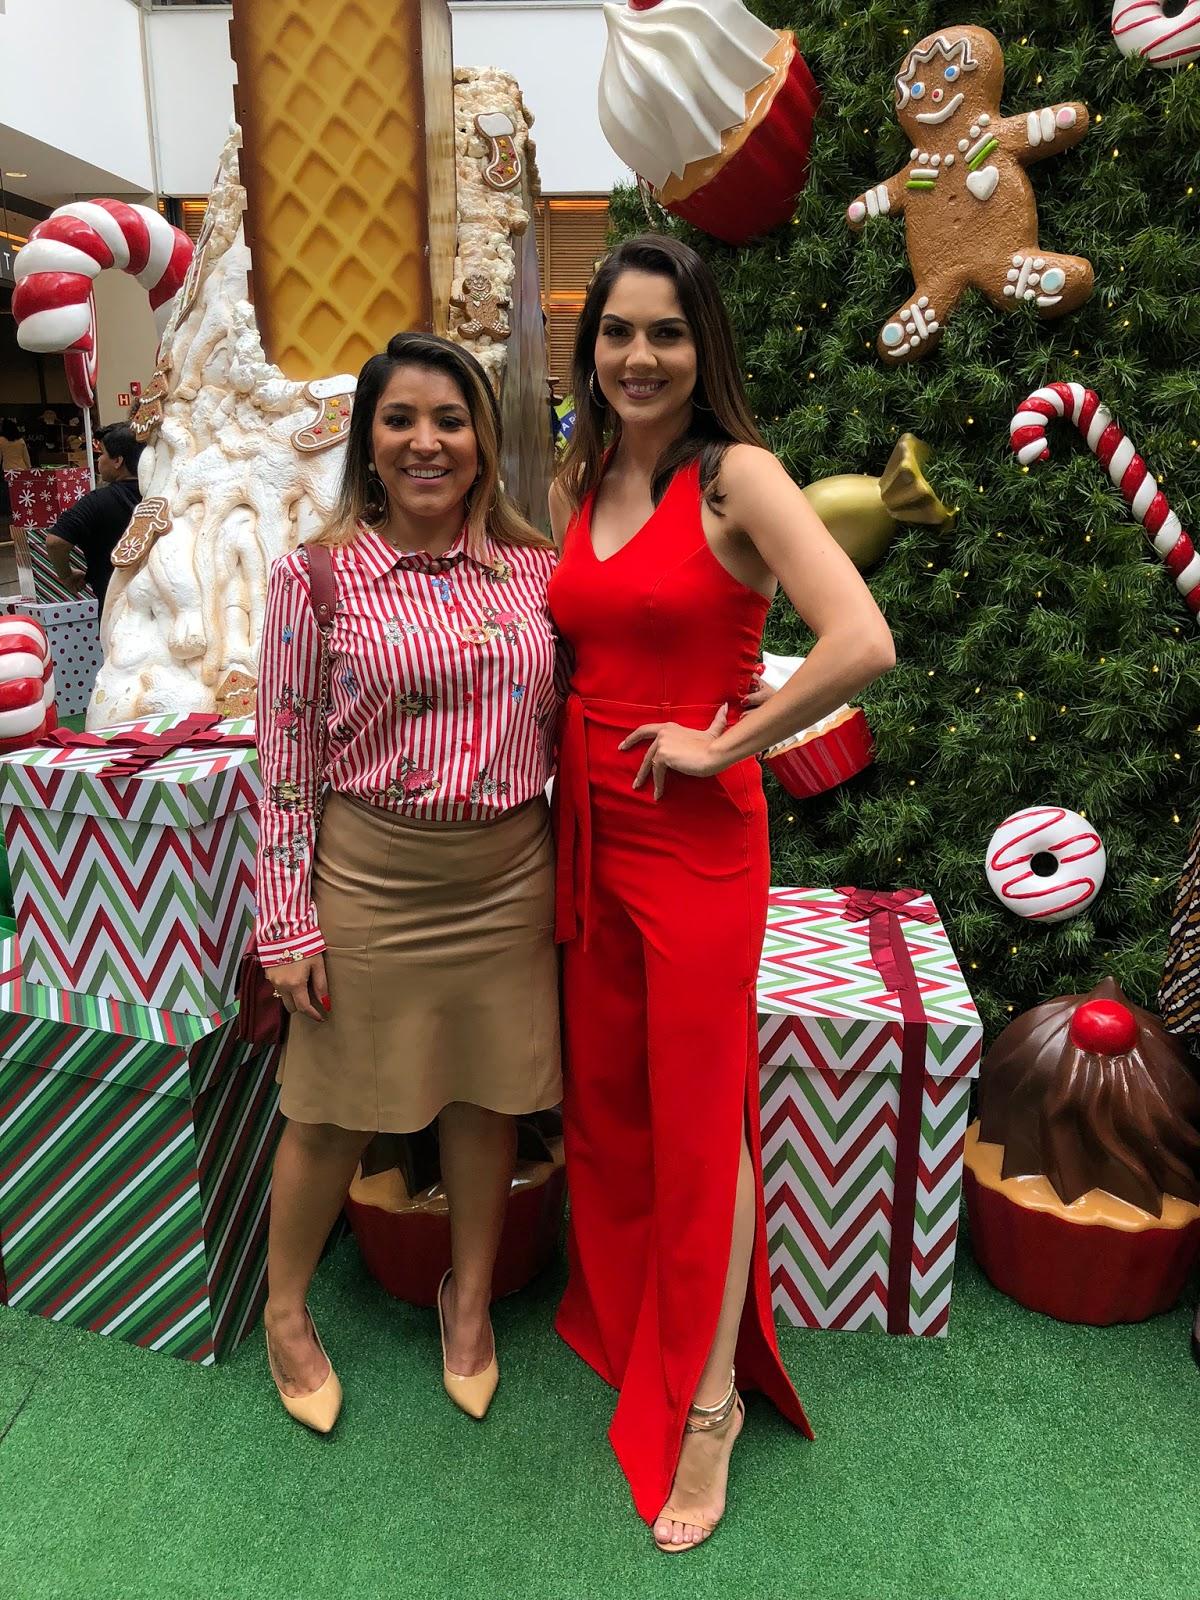 DF Plaza: Promoções do Black Friday e Doce Natal Mágico